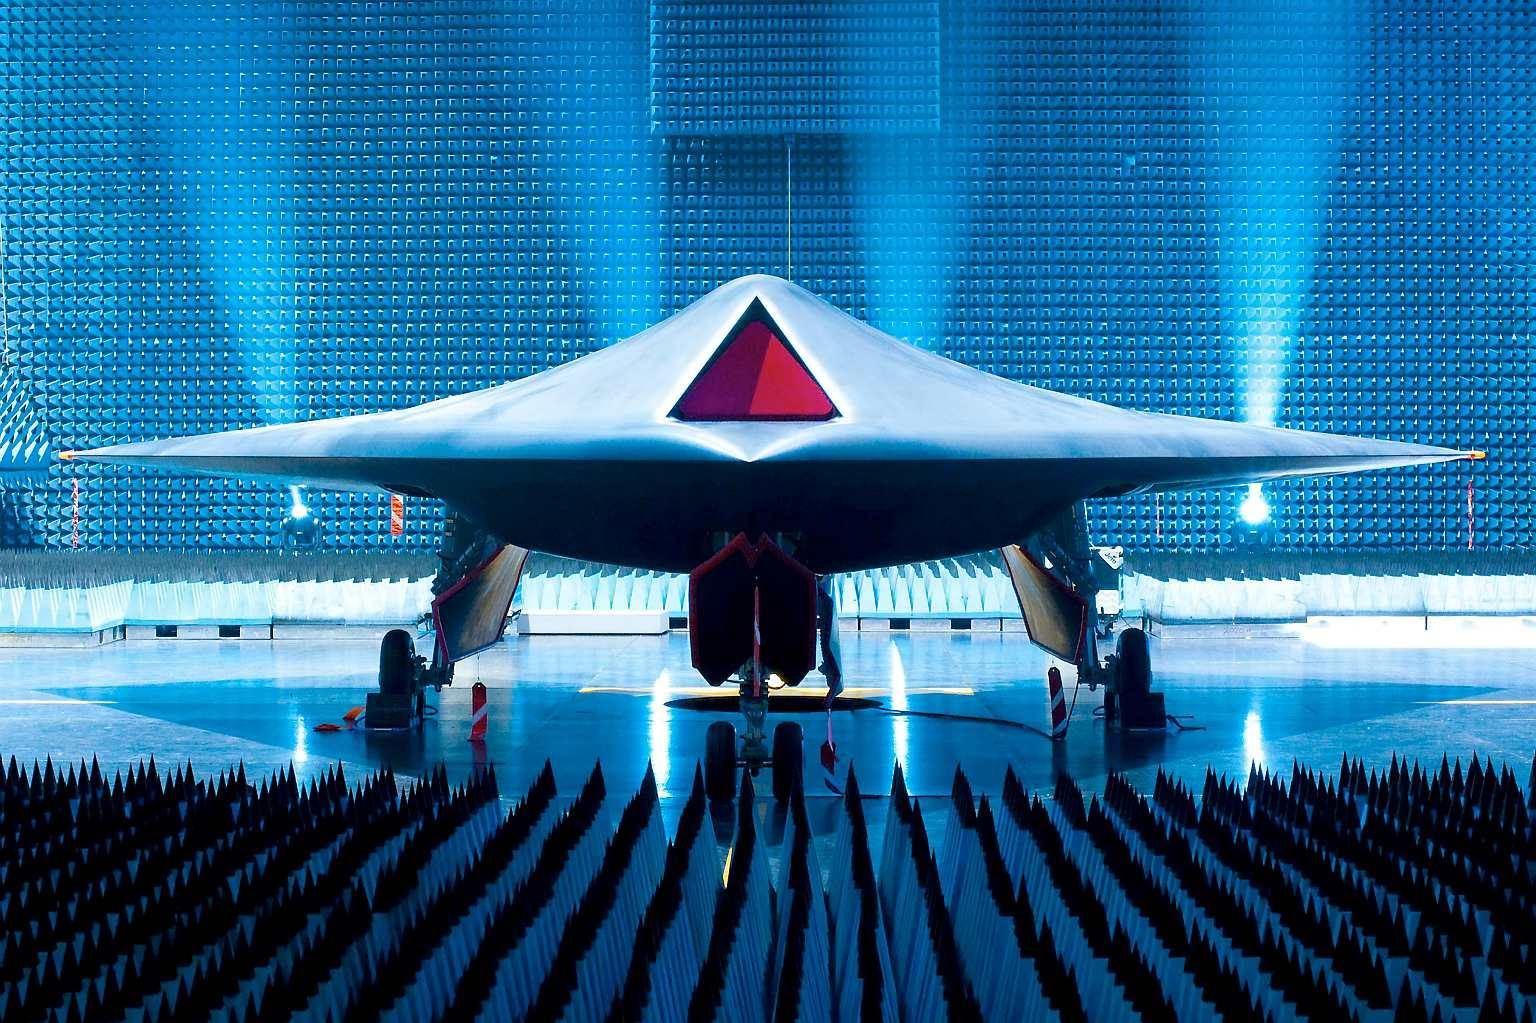 雷神隐身无人机实力强大,能超远程火力打击,是英国镇国利器